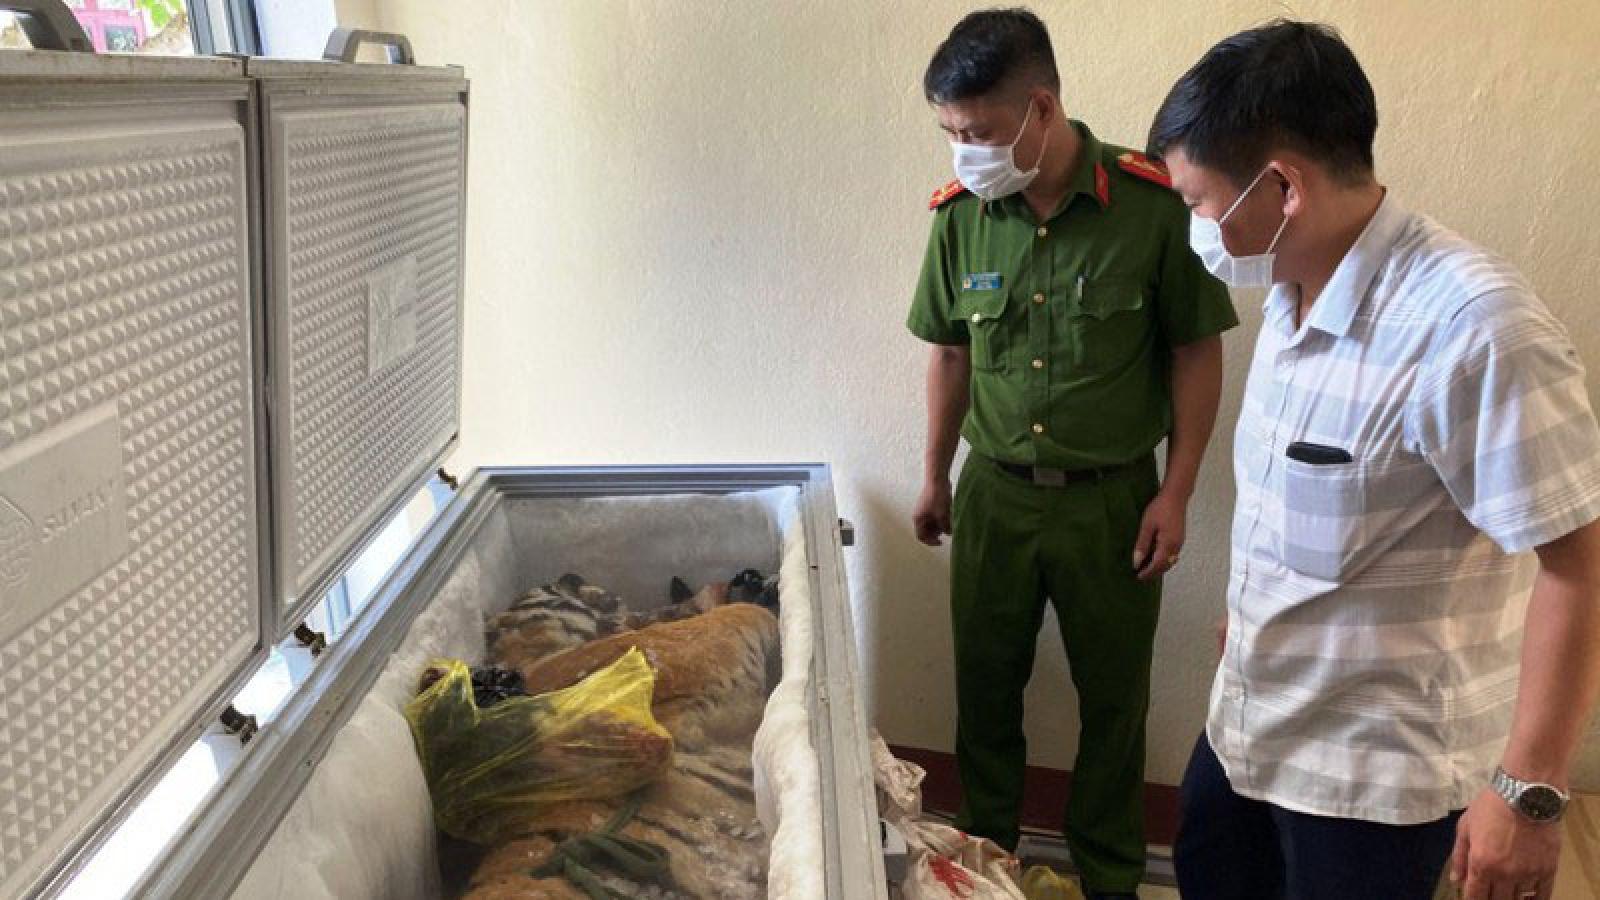 Phát hiện xác hổ 160kg trong tủ đông lạnh ở nhà dân